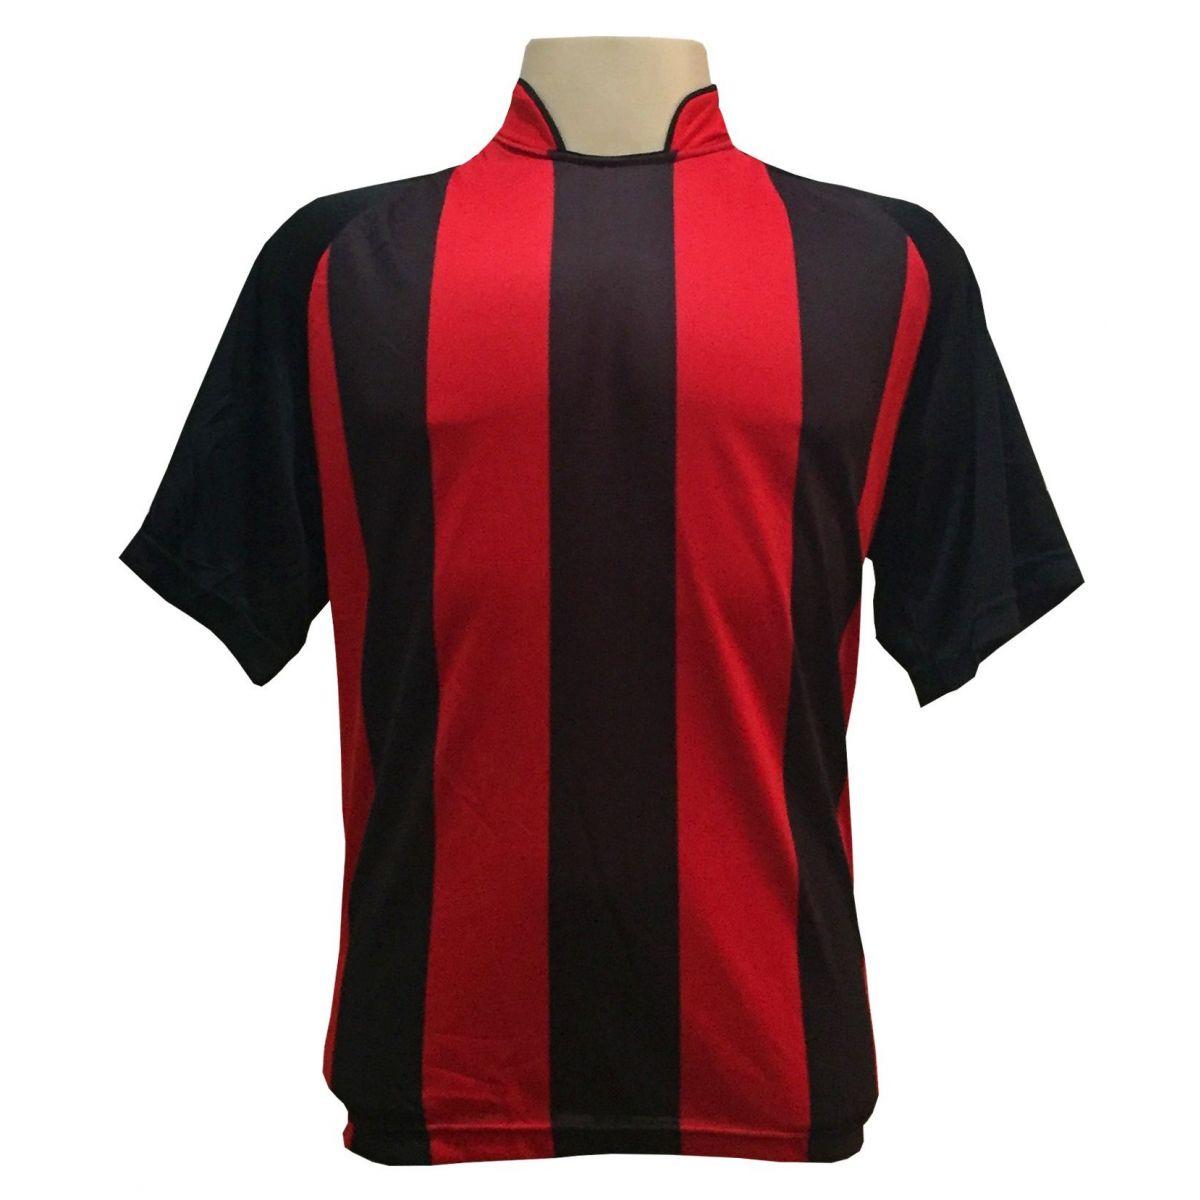 Uniforme Esportivo com 20 camisas modelo Milan Preto/Vermelho + 20 calções modelo Madrid Vermelho + Brindes